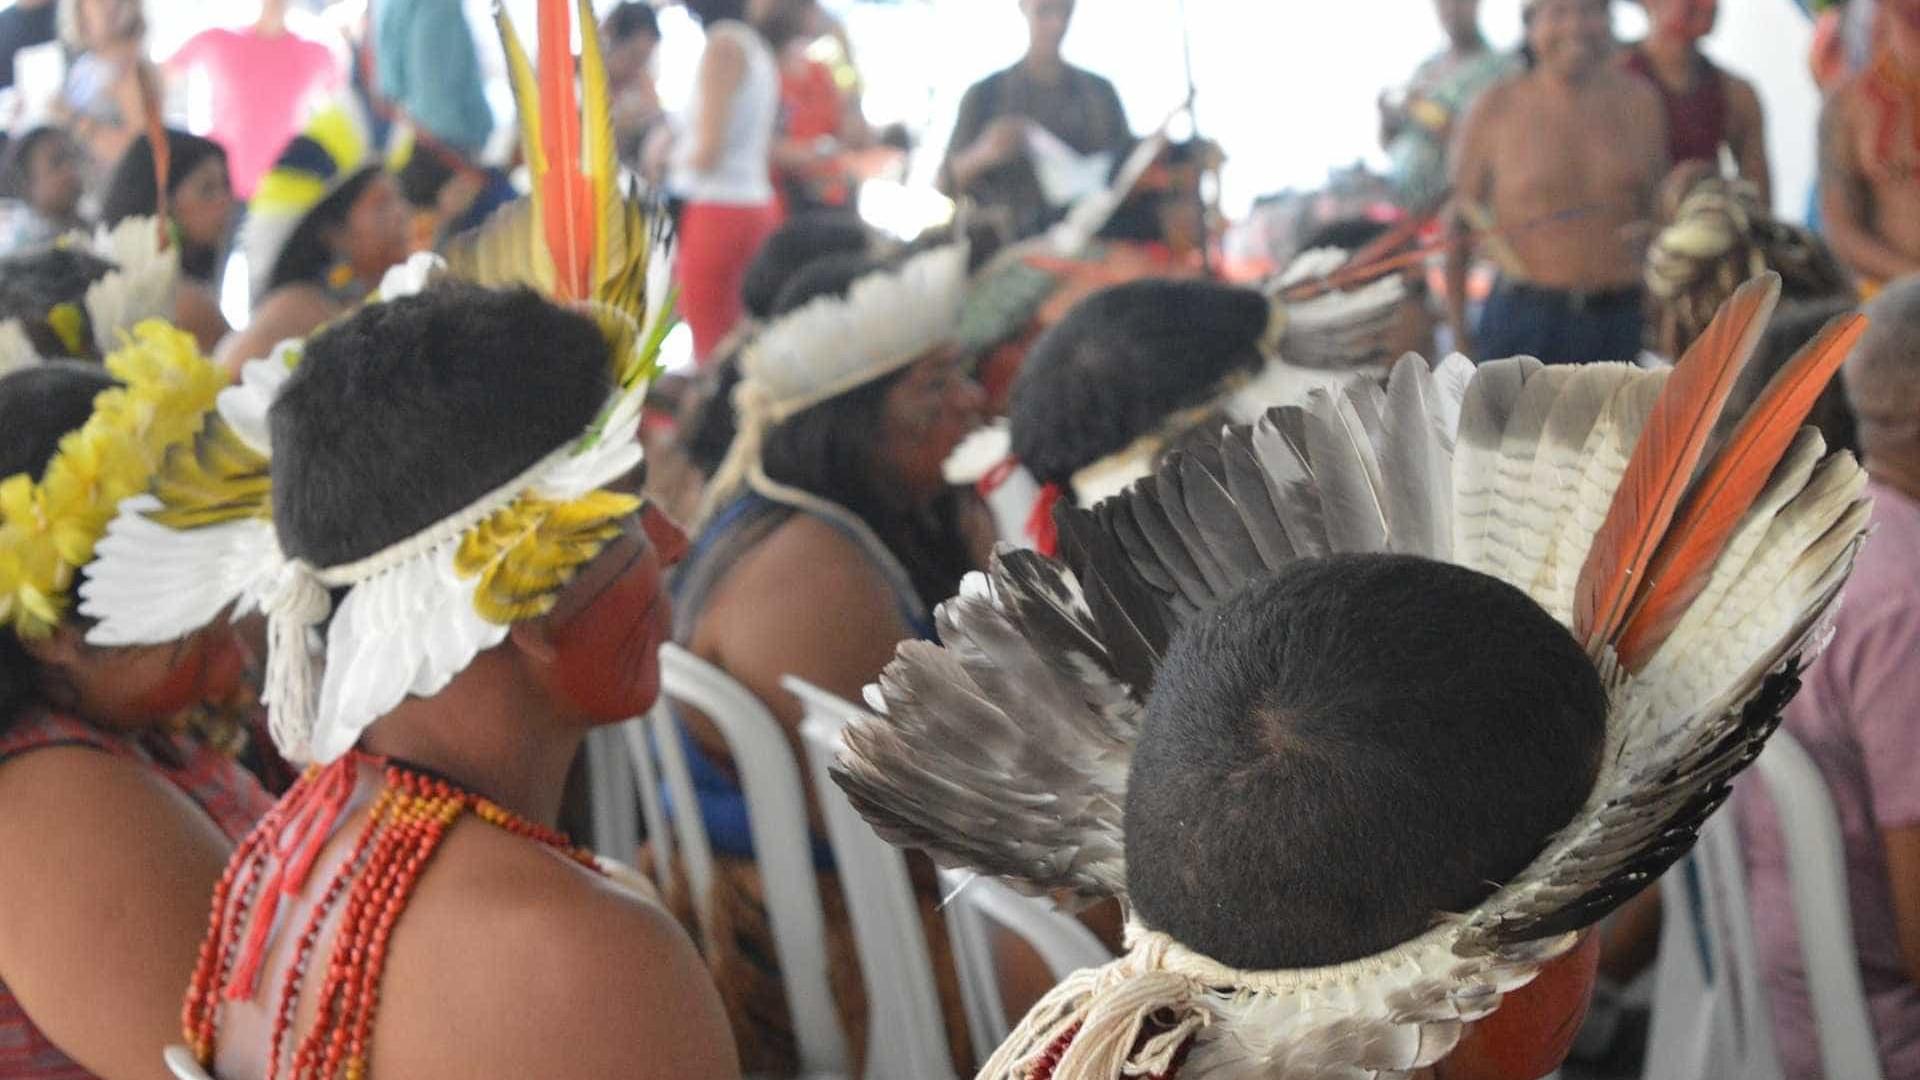 Líder indígena vai à Justiça contra Bolsonaro por racismo